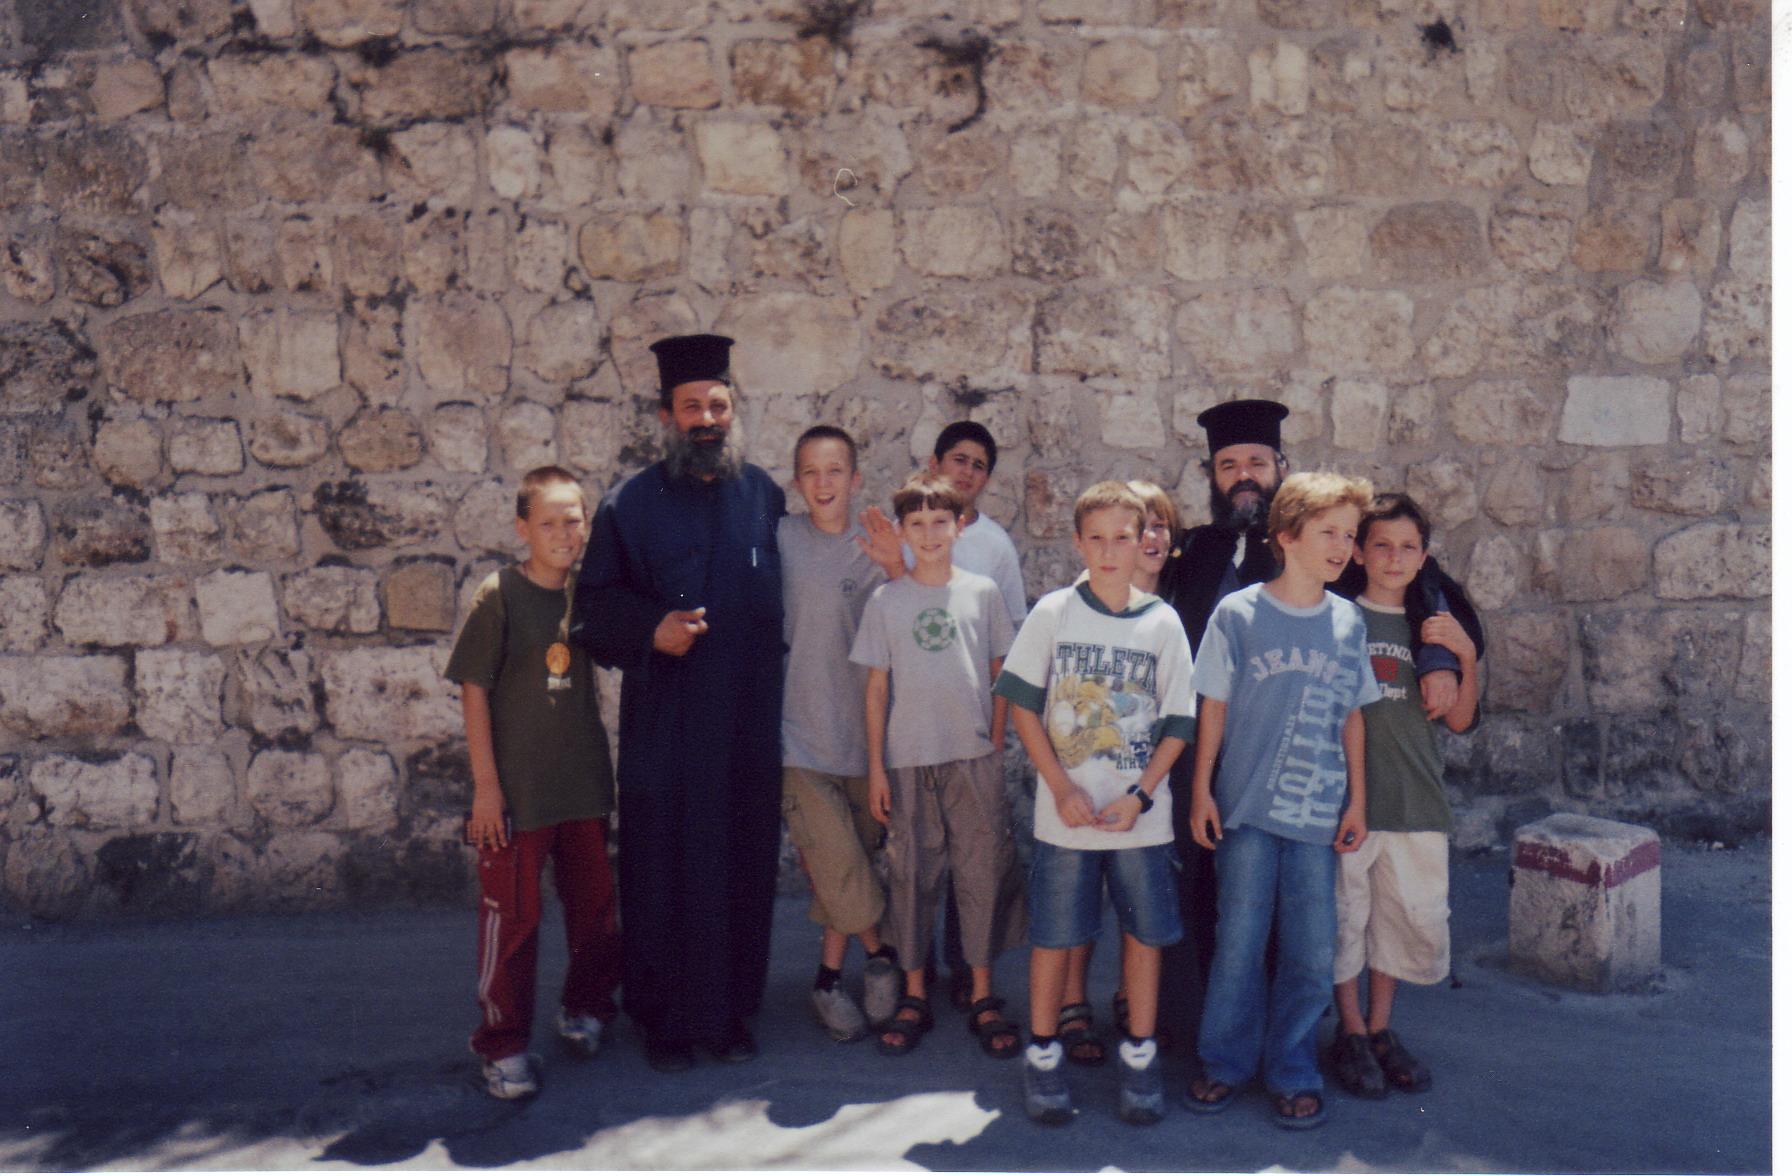 русские православные в Старом городе